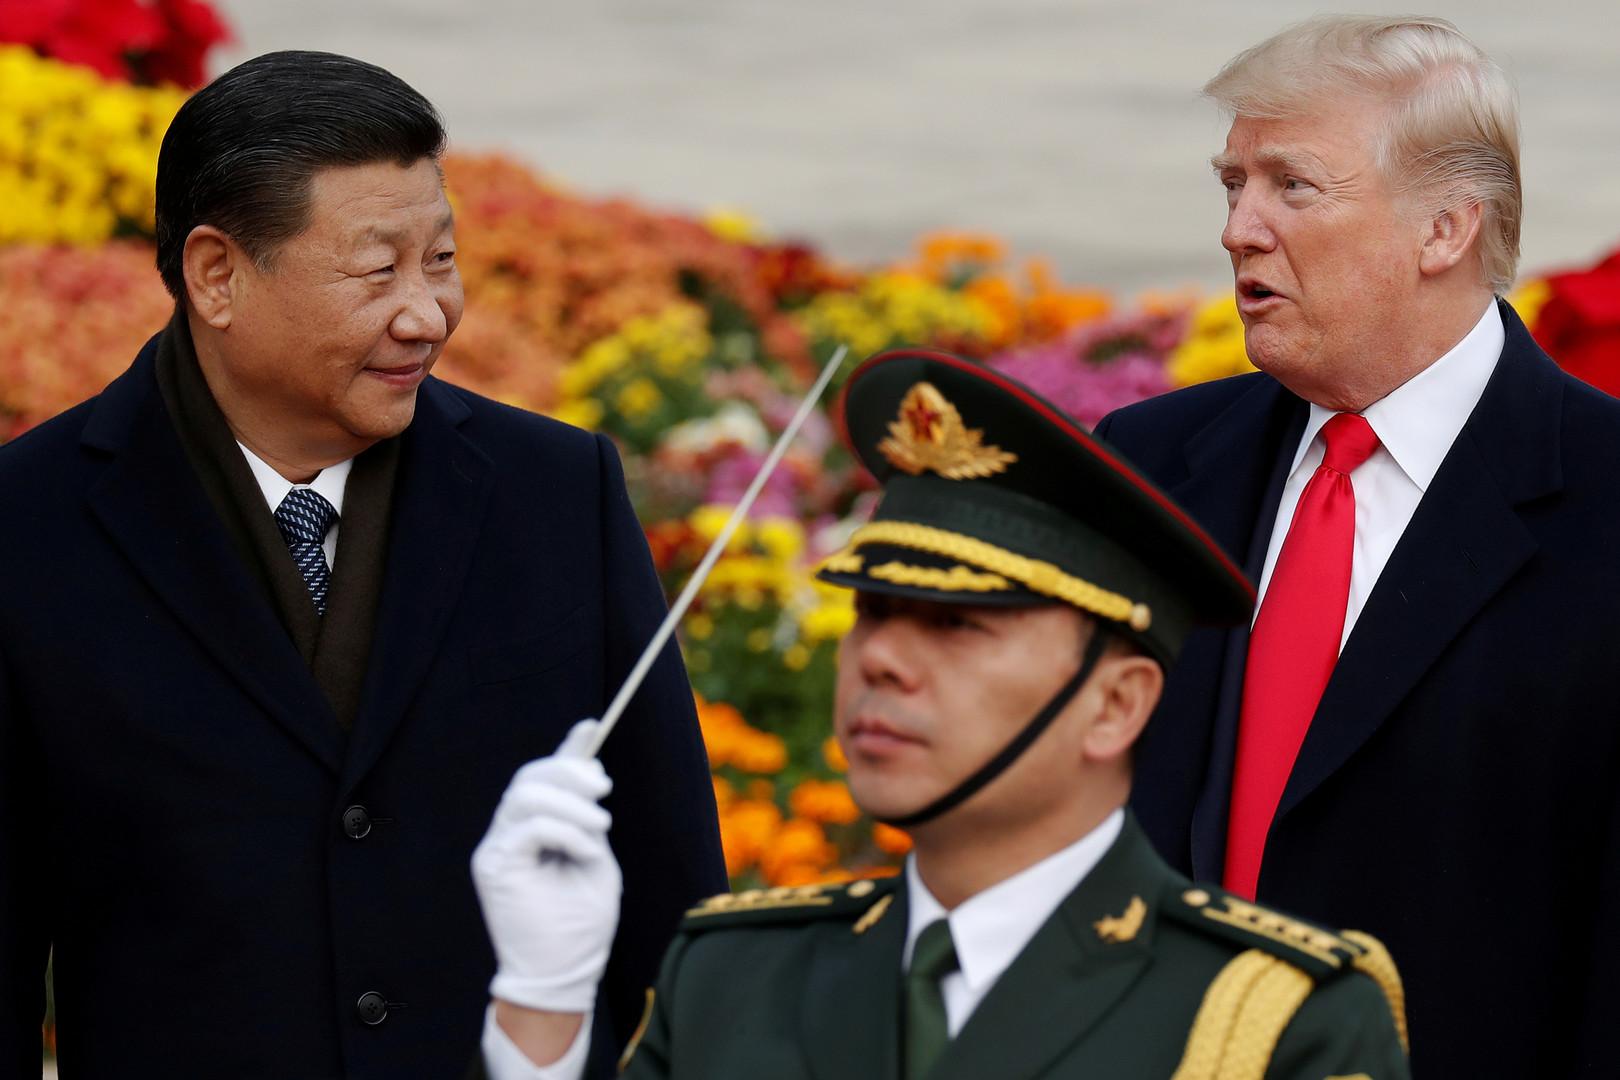 أرشيف - الرئيسان الصيني والأمريكي